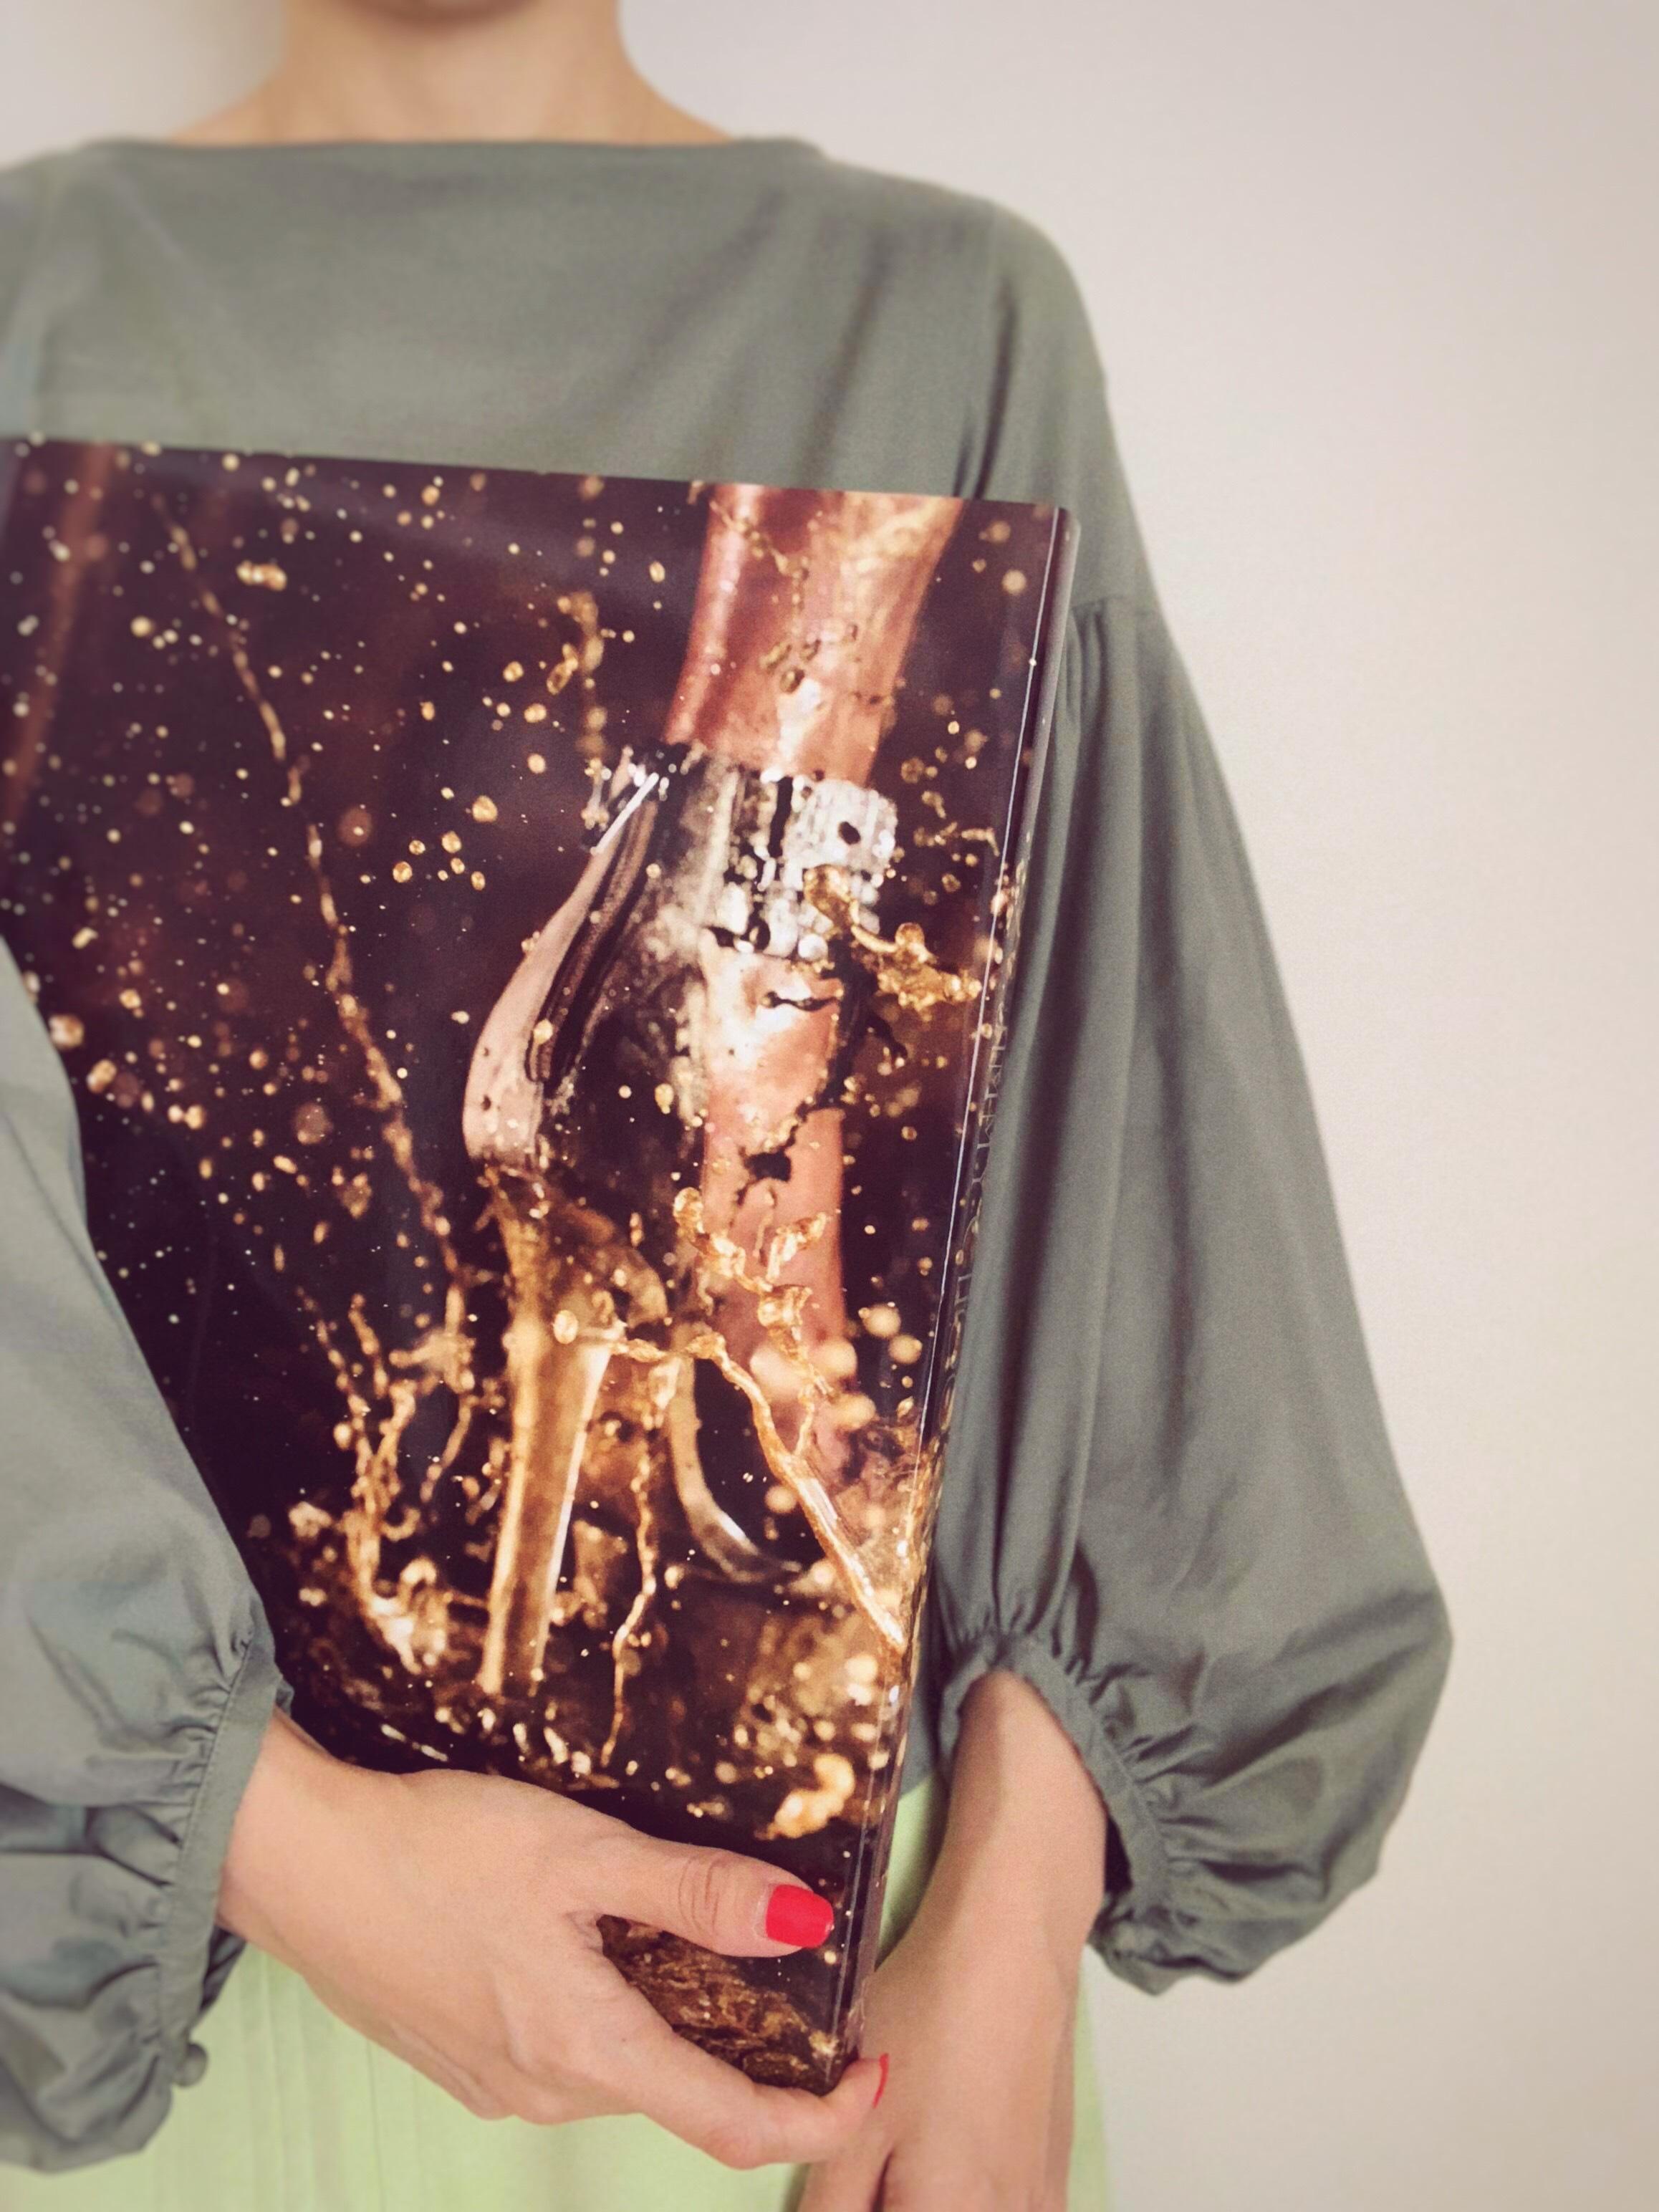 もうセンスや感覚で選ばない!アパレル20年のパーソナルスタイリストが提案!おしゃれに働く40代女性のためのモヤモヤがしっくりくるファッションの秘訣